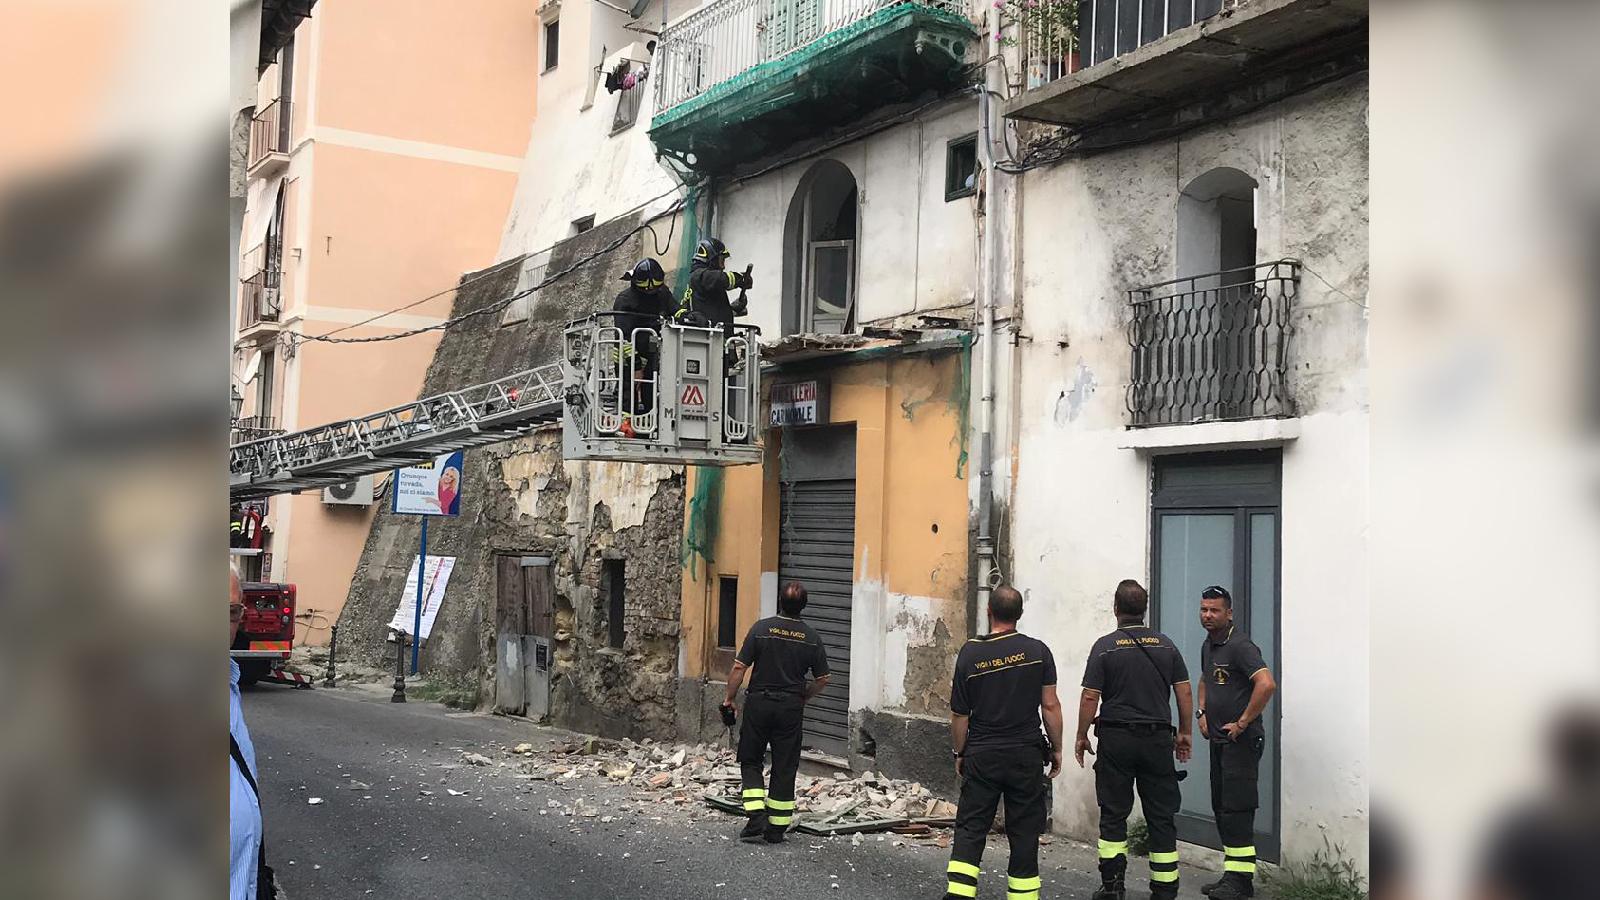 Disagi a Pizzo, camion si incastra sotto un balconeVigili del fuoco costretti a demolire parte della costruzione